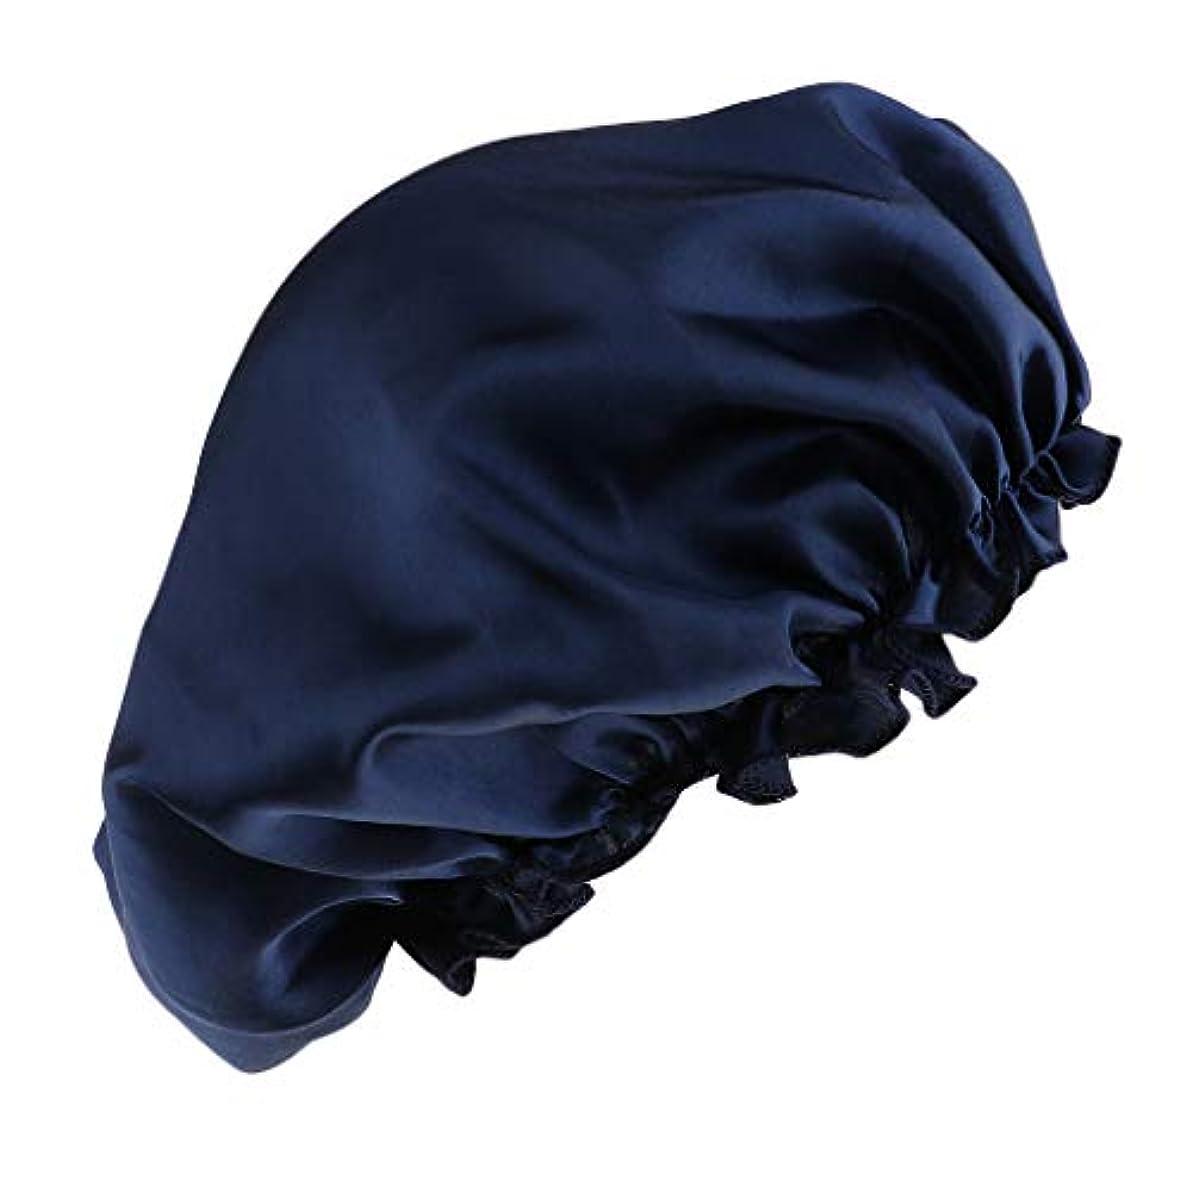 アパートパイル複合シャワーキャップ シルクサテンキャップ シルクサテン帽子 美容ヘッドカバー 浴用帽子 全8色 - 紺